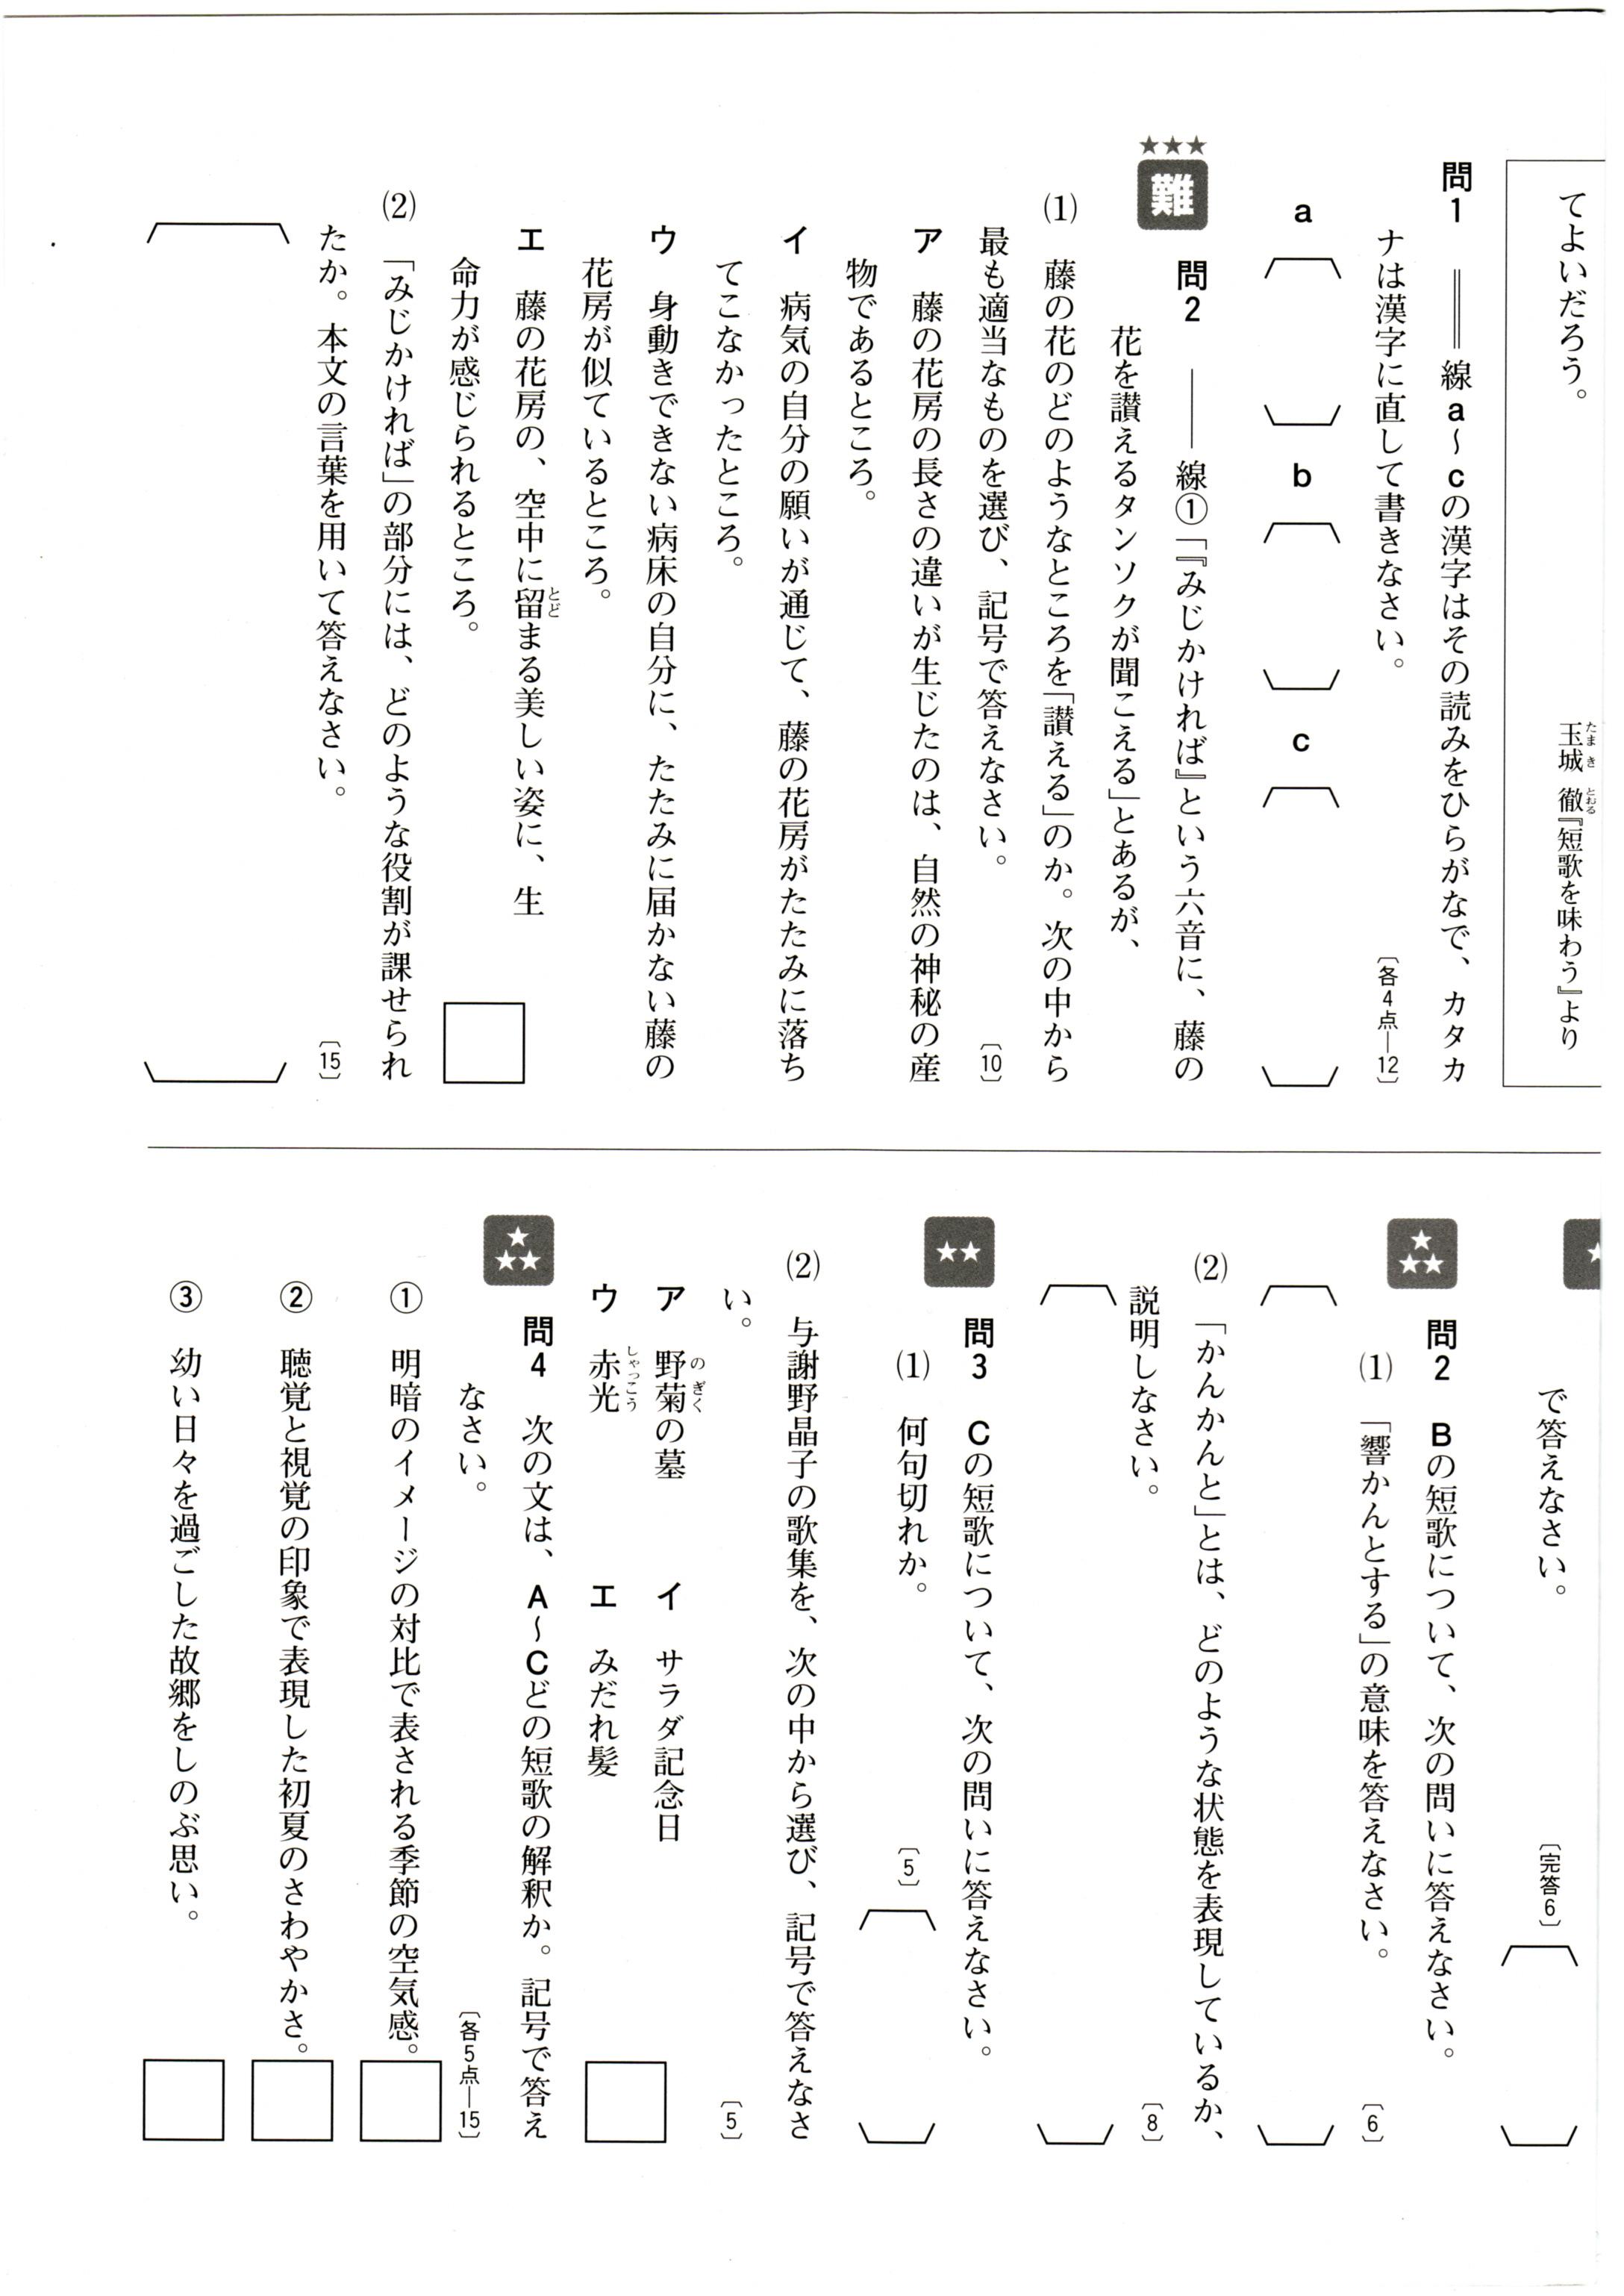 デイリーエースナビ国語 定期テスト対策(中2 光村版)